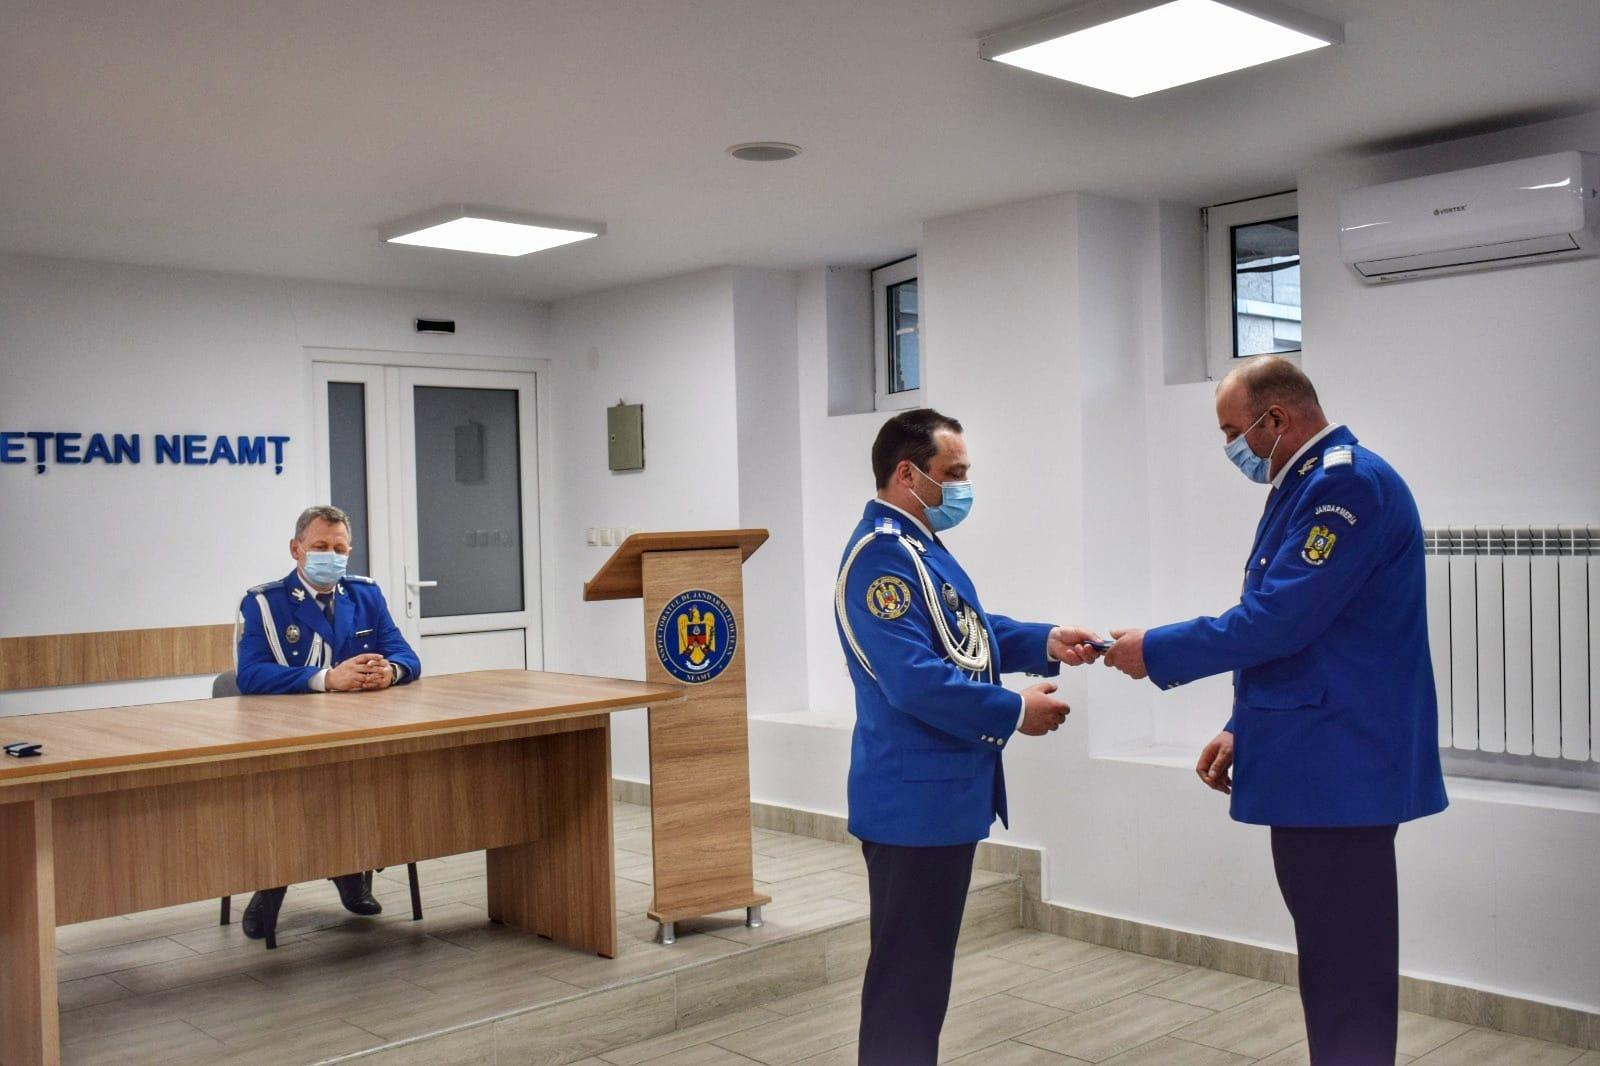 Donare de sânge și avansări în grad, de Ziua Jandarmeriei